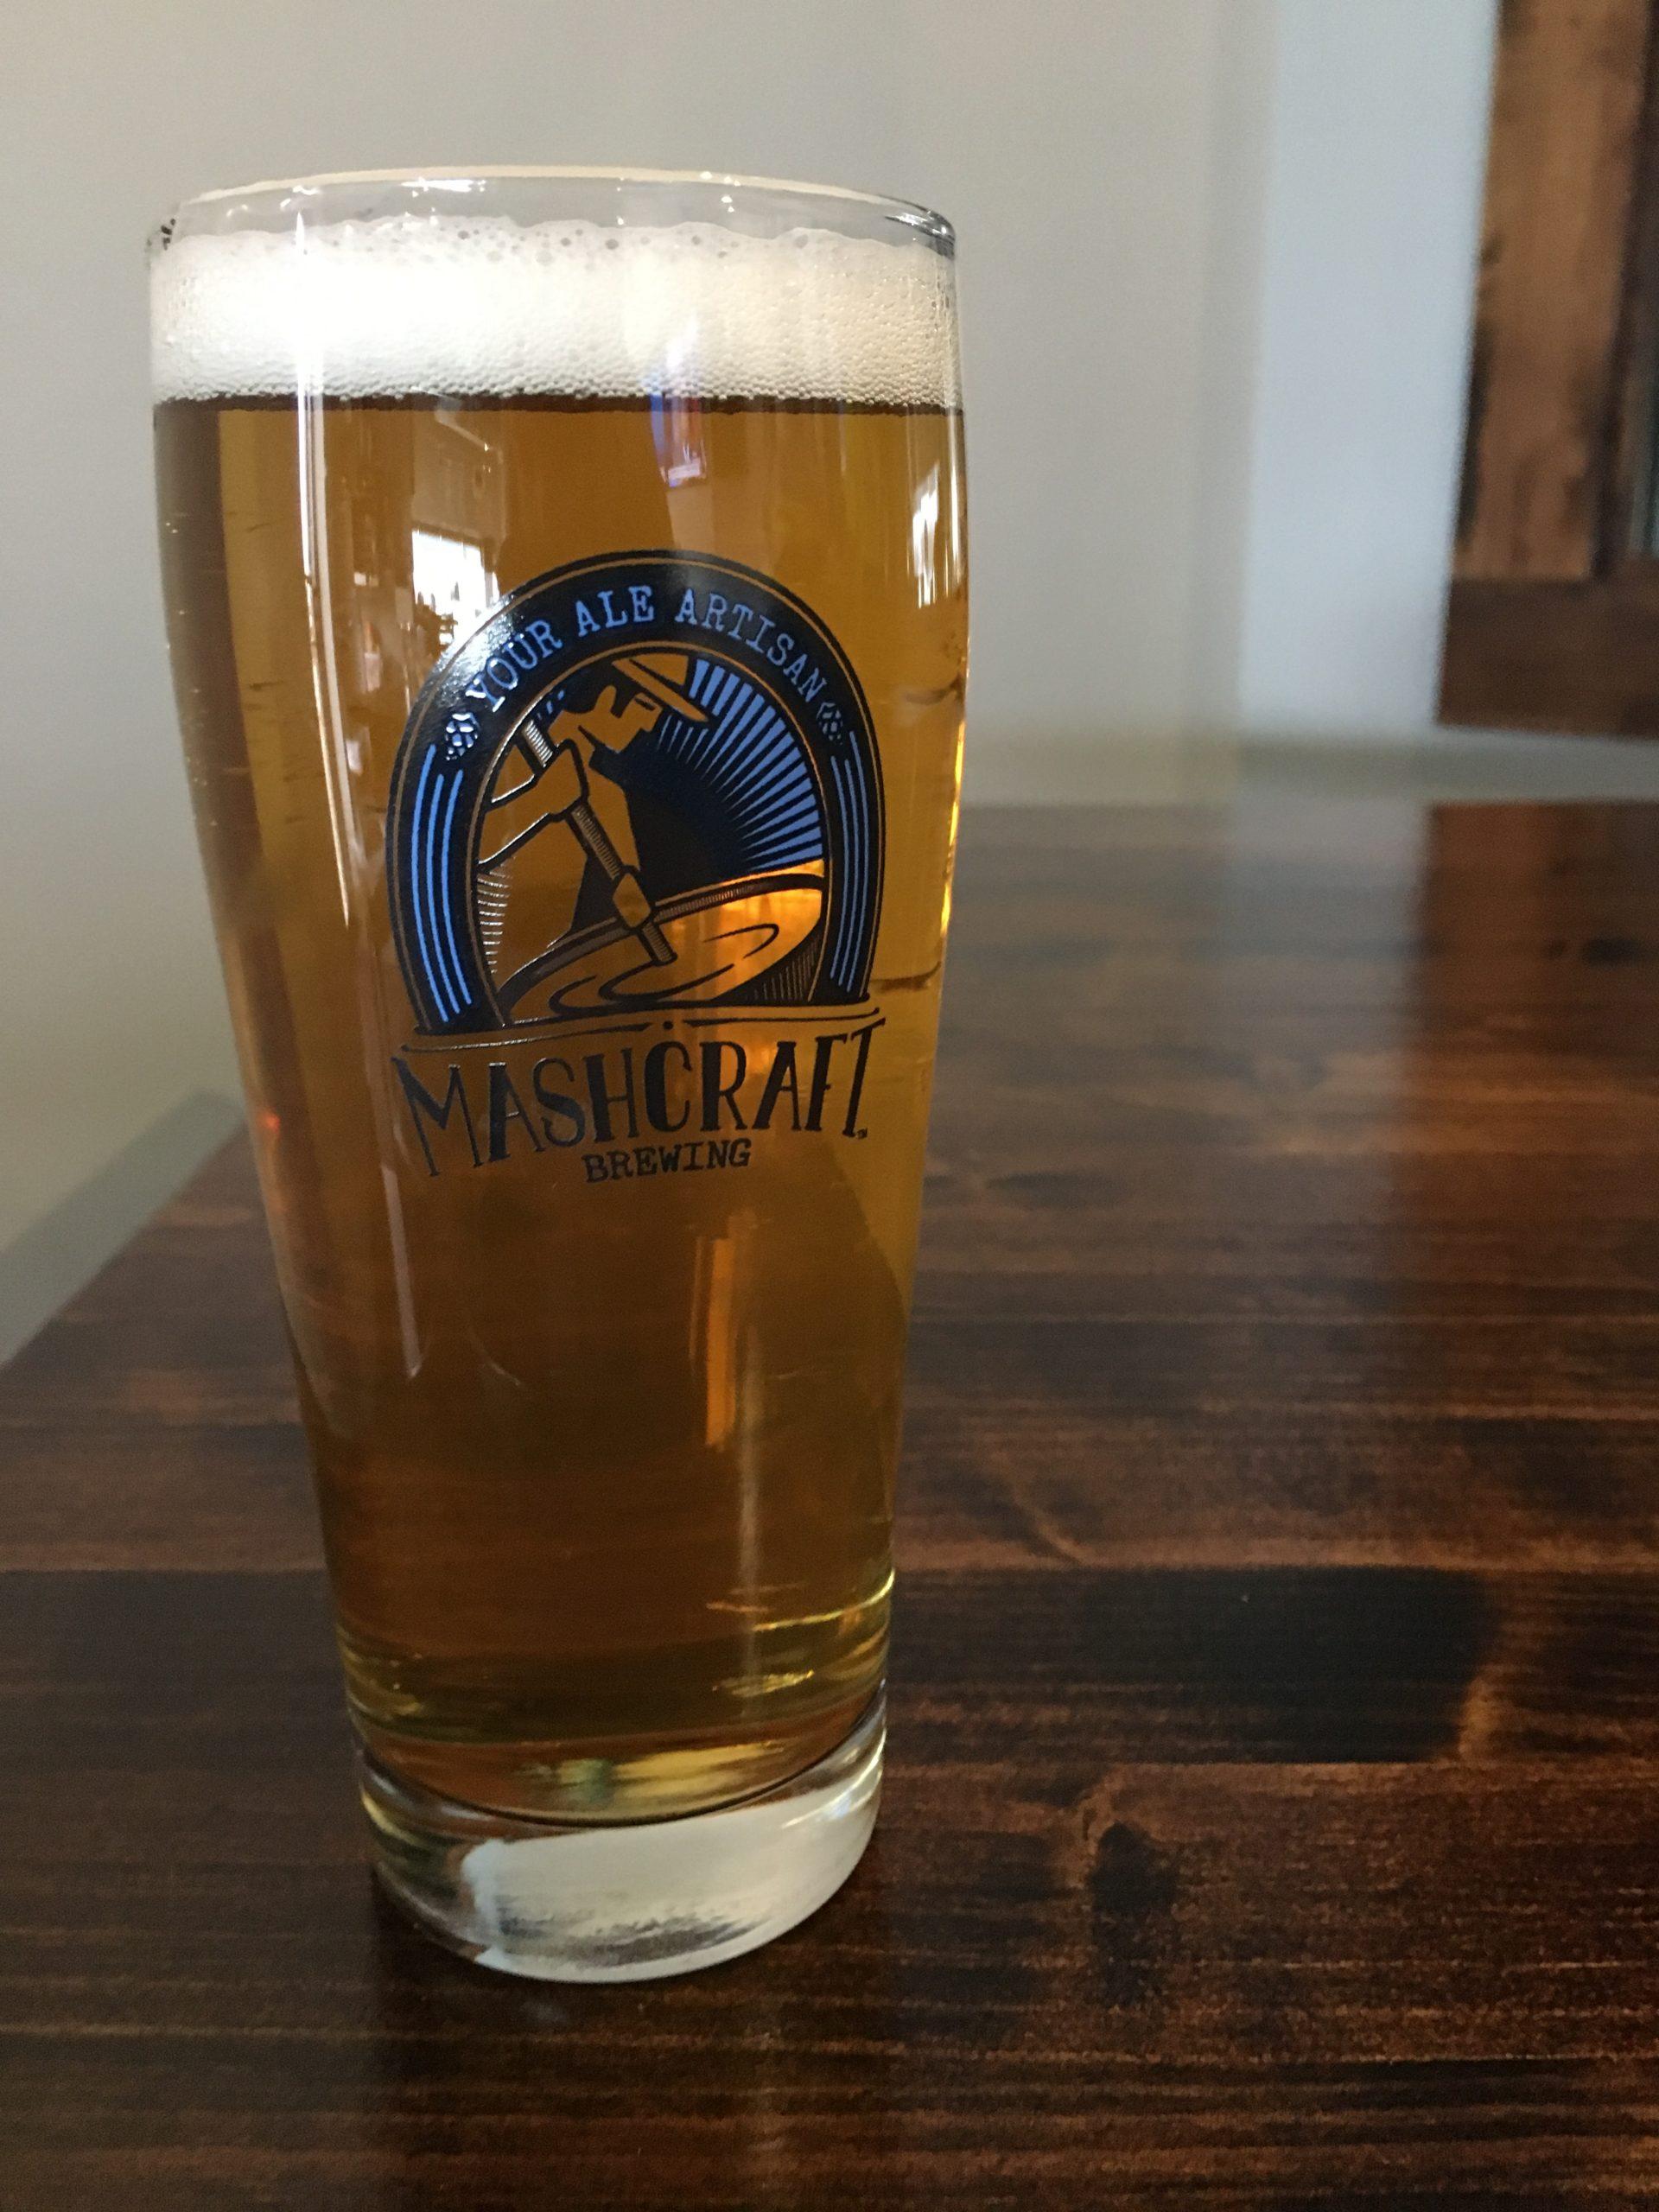 mashcraft beer